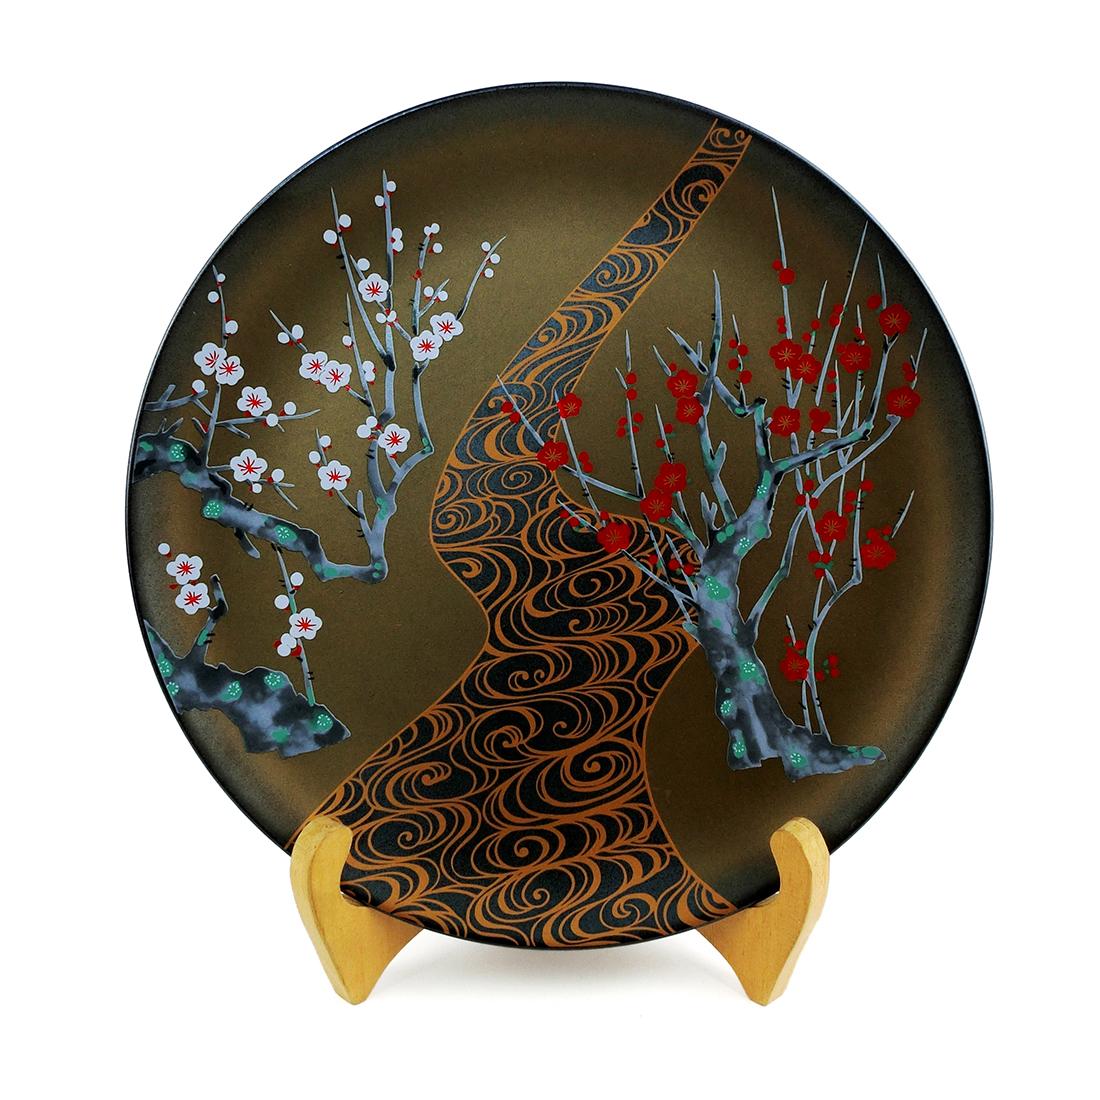 Dĩa Sứ Hoa Đào Men Đen Vẽ Vàng Có Triện - Nhật - 26.5 cm - 531071